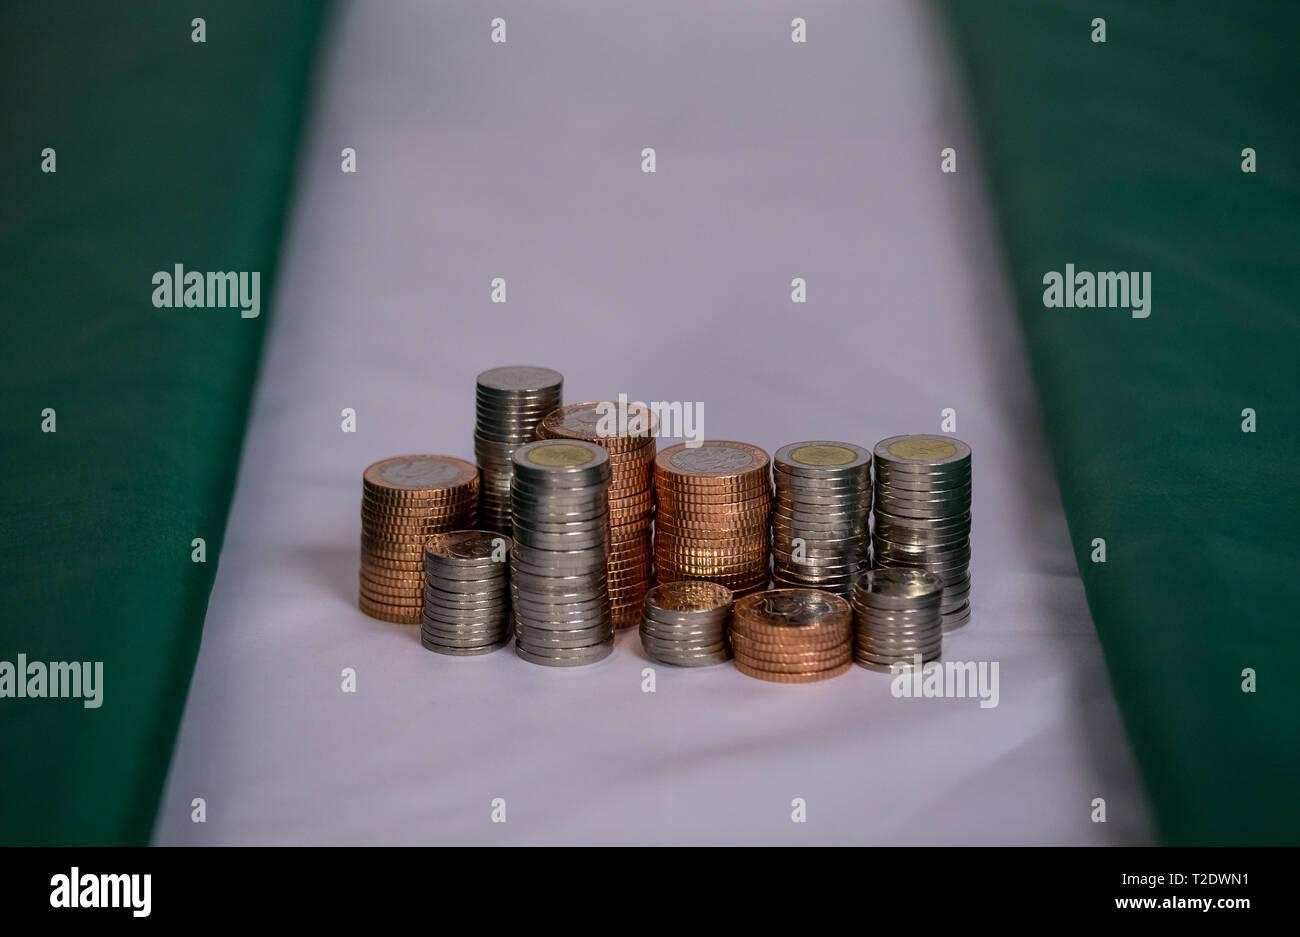 Coin Money Nigeria Naira Stock Photos & Coin Money Nigeria Naira